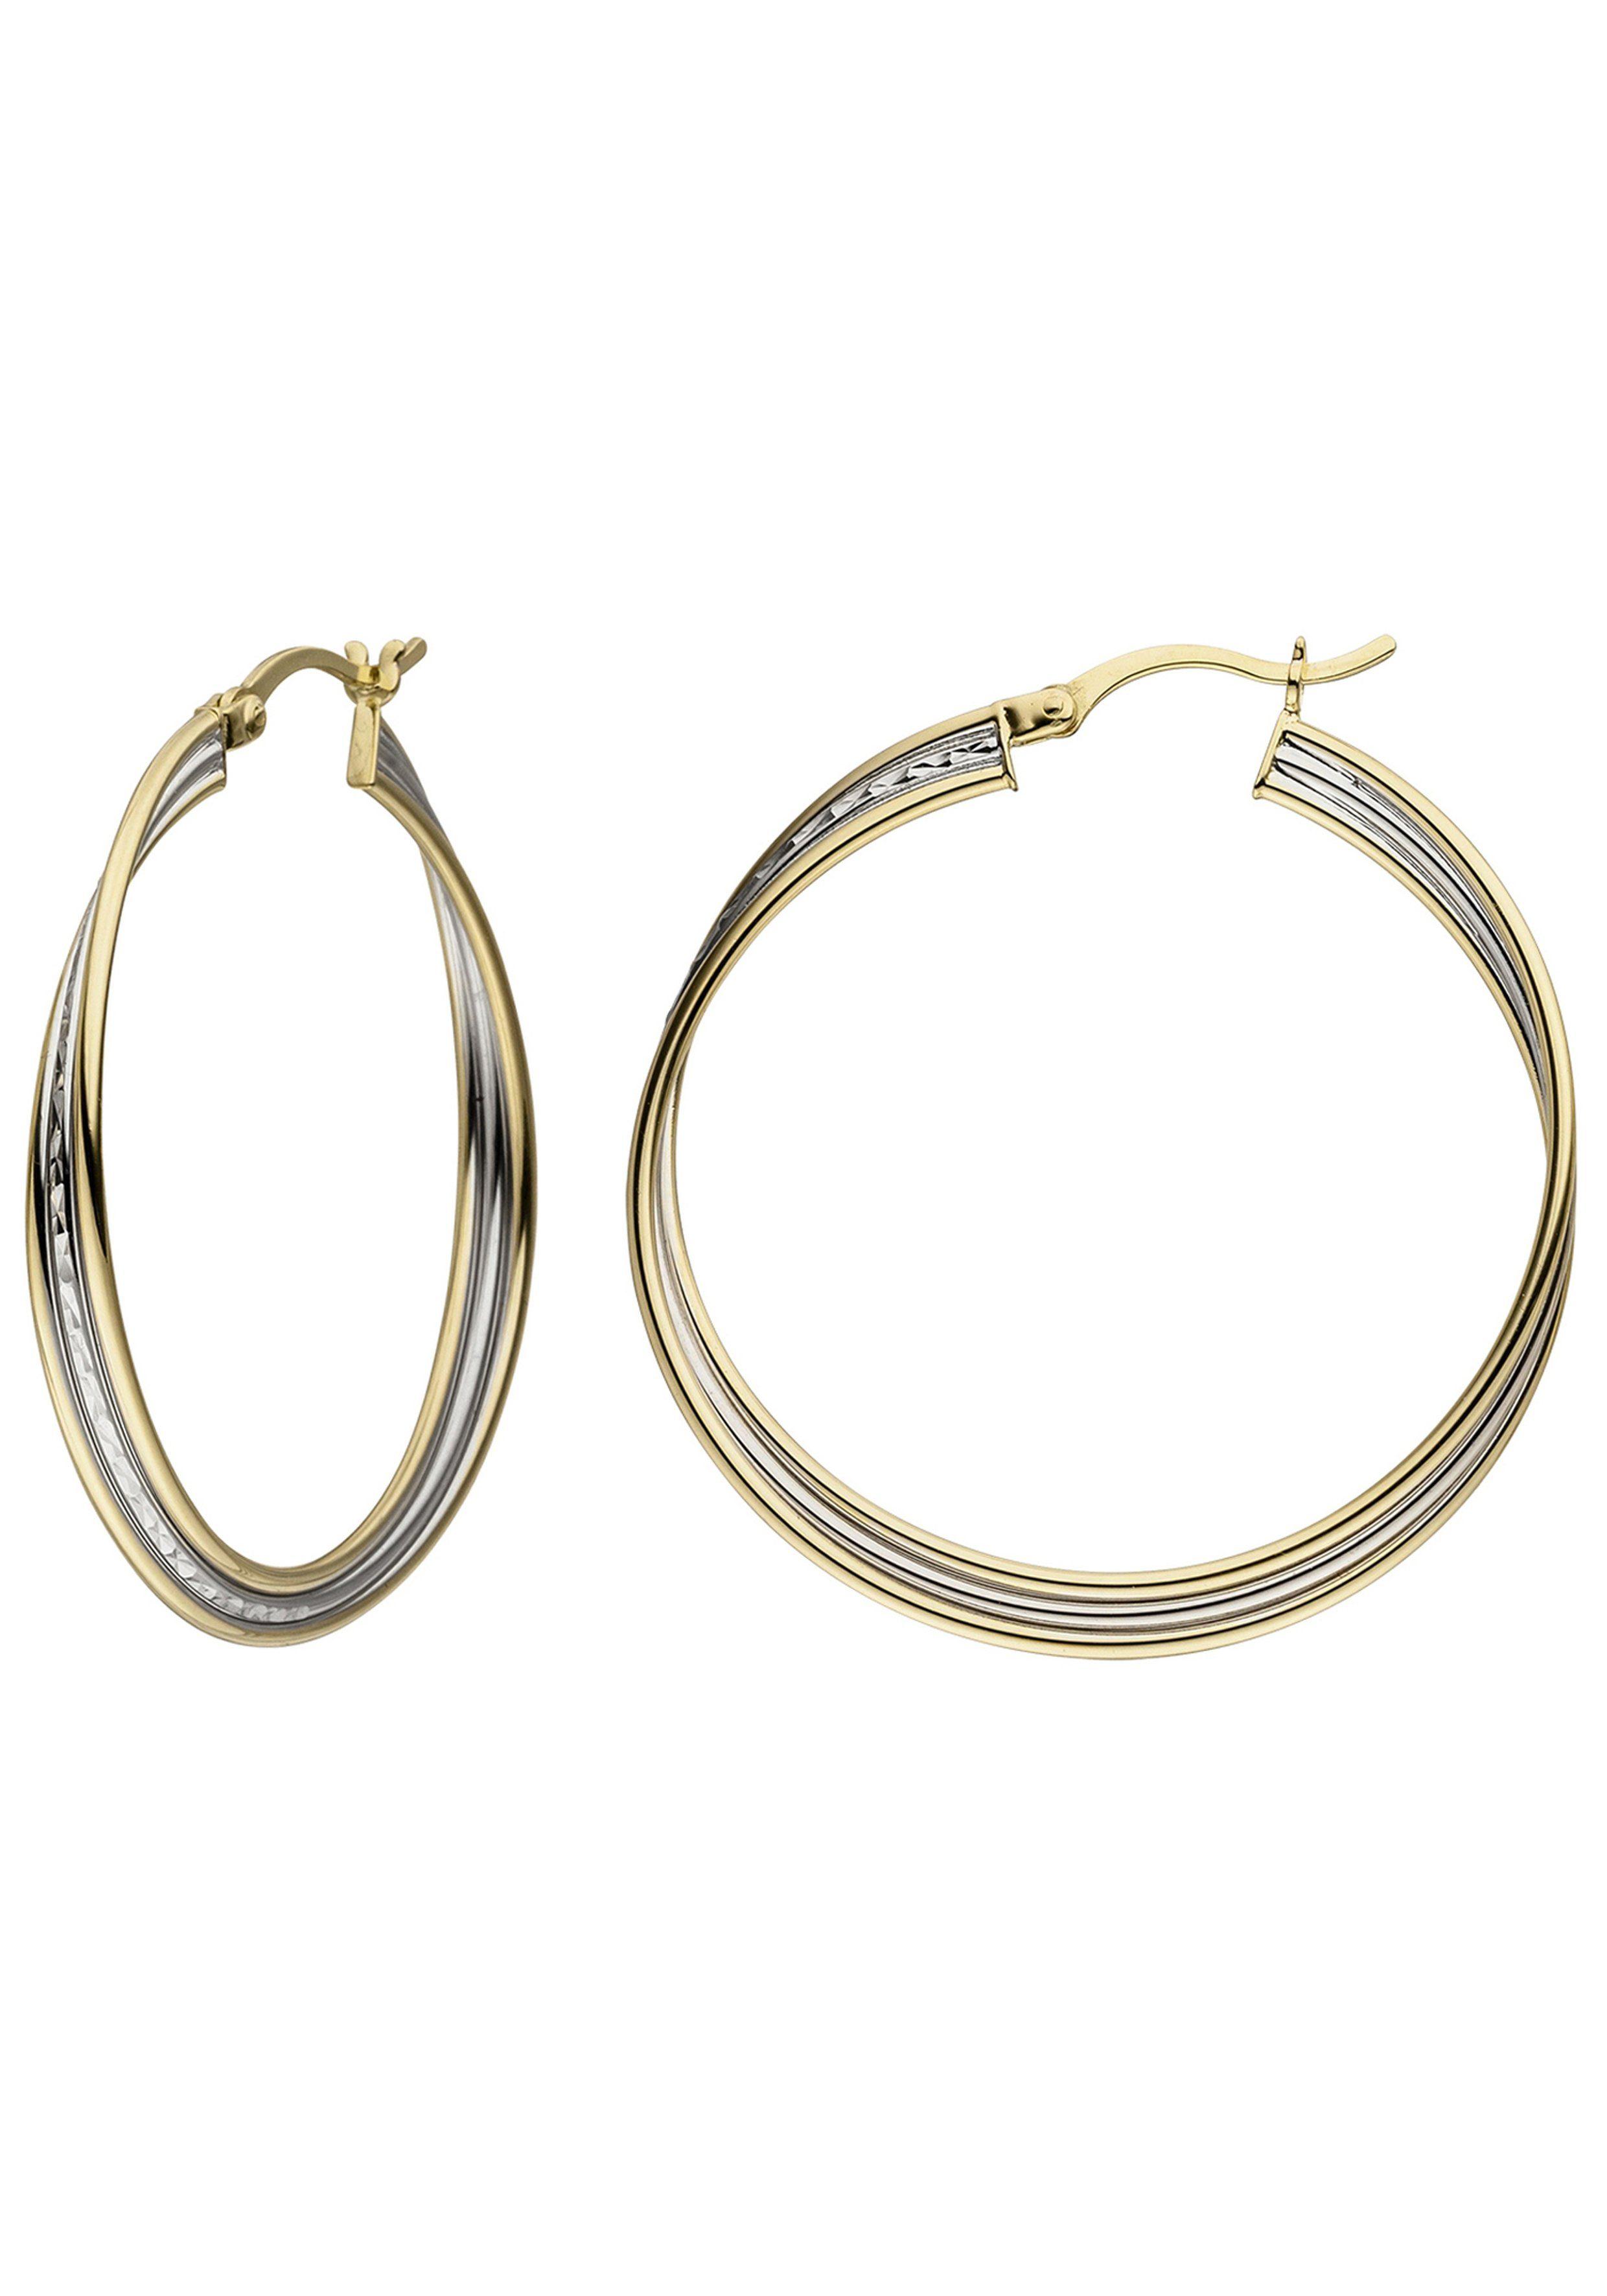 JOBO Paar Creolen 925 Silber bicolor vergoldet